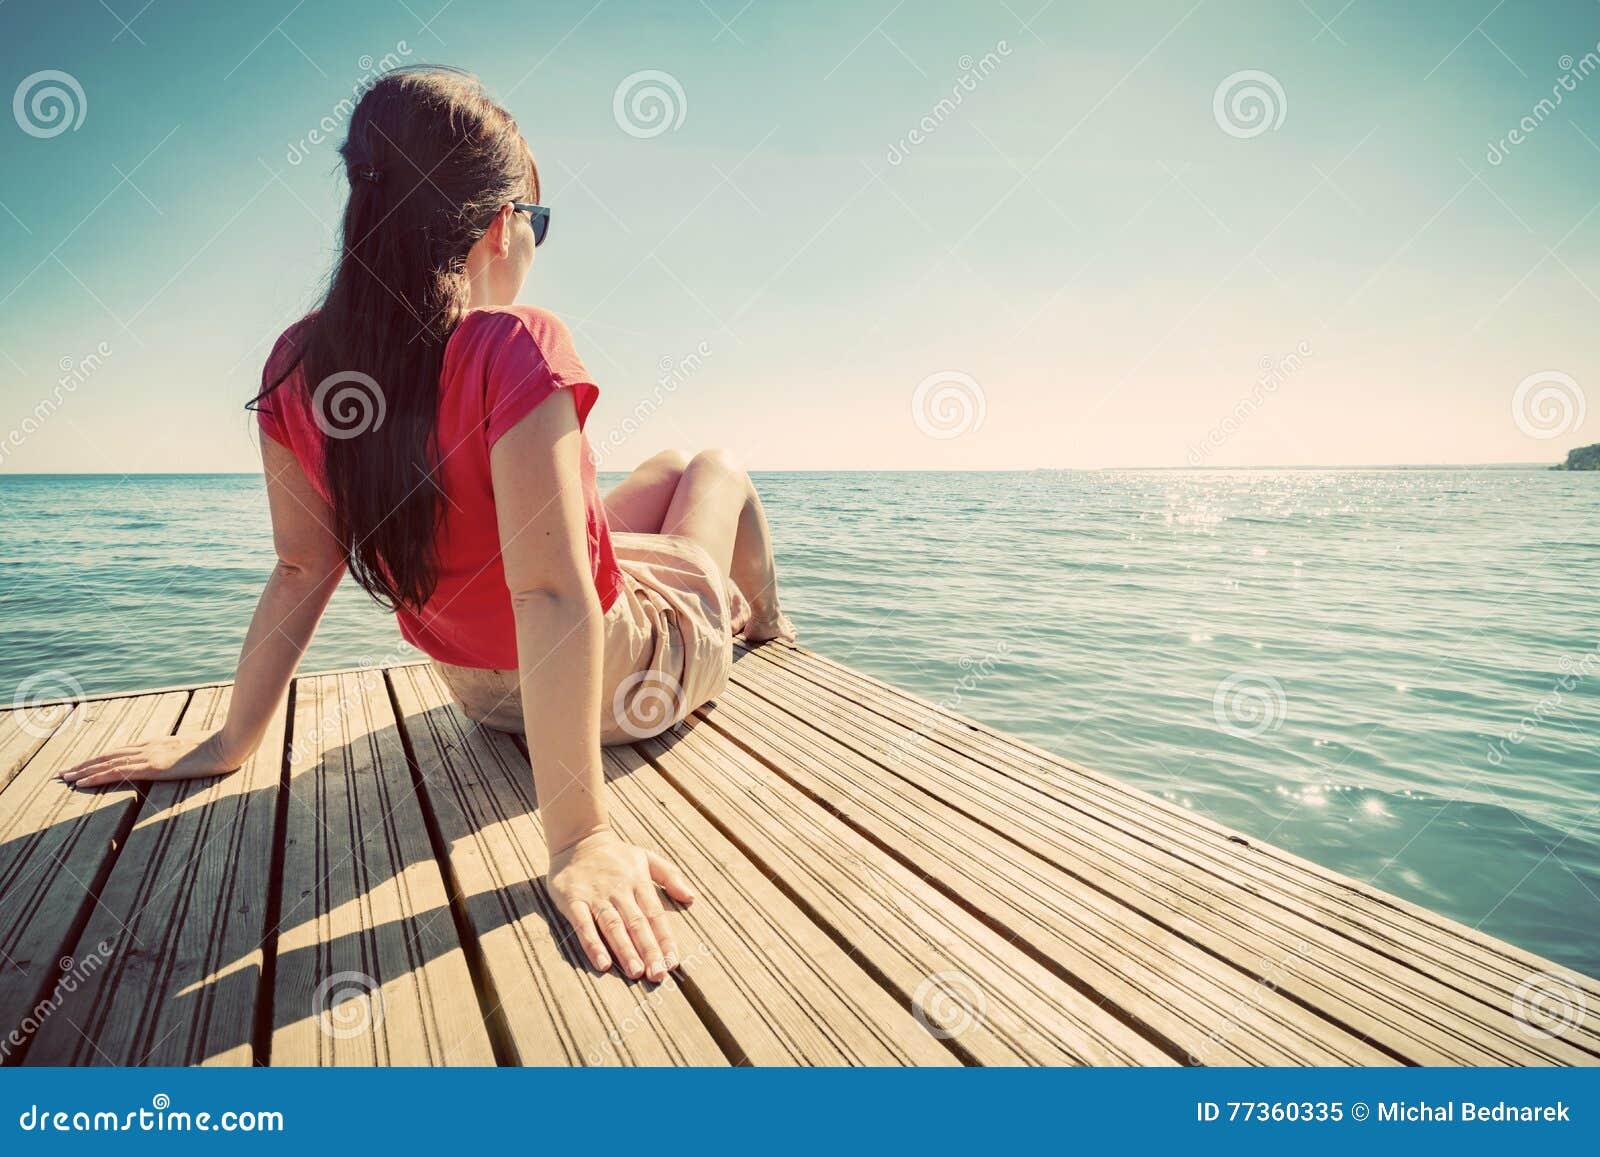 Mujer joven que descansa sobre el embarcadero que mira el mar tranquilo en día de verano soleado